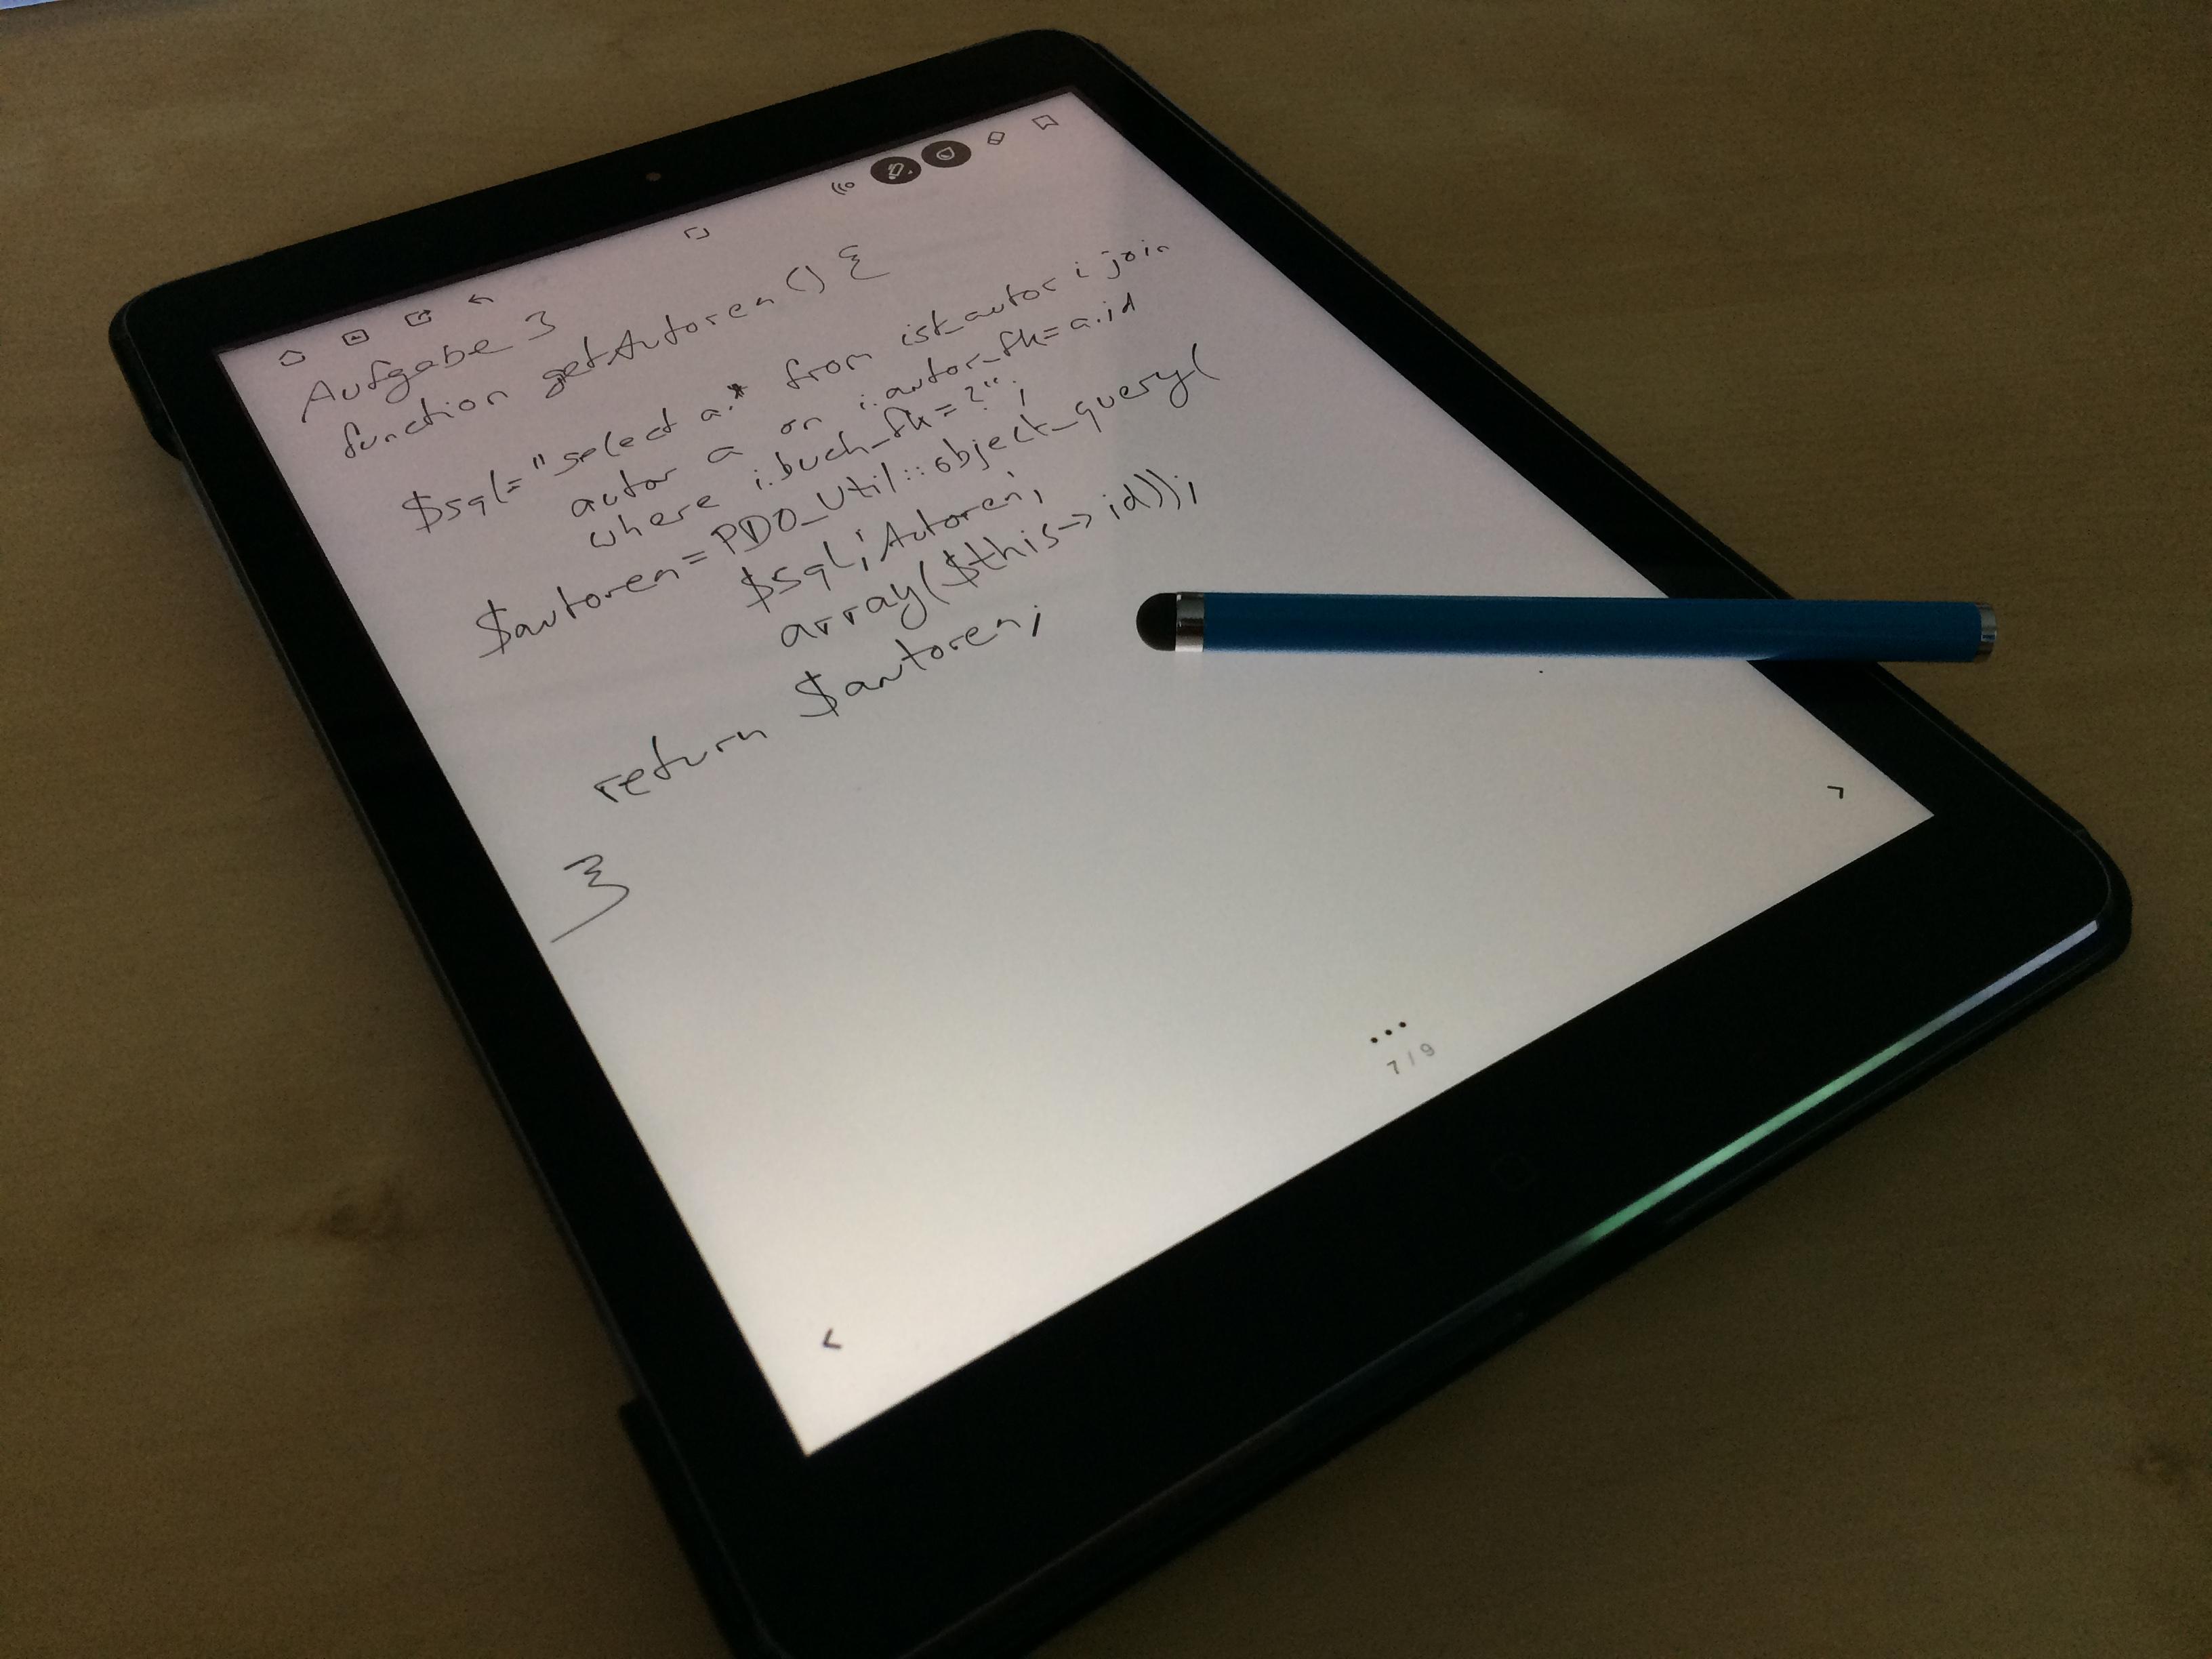 Apple iPad mit Notizen